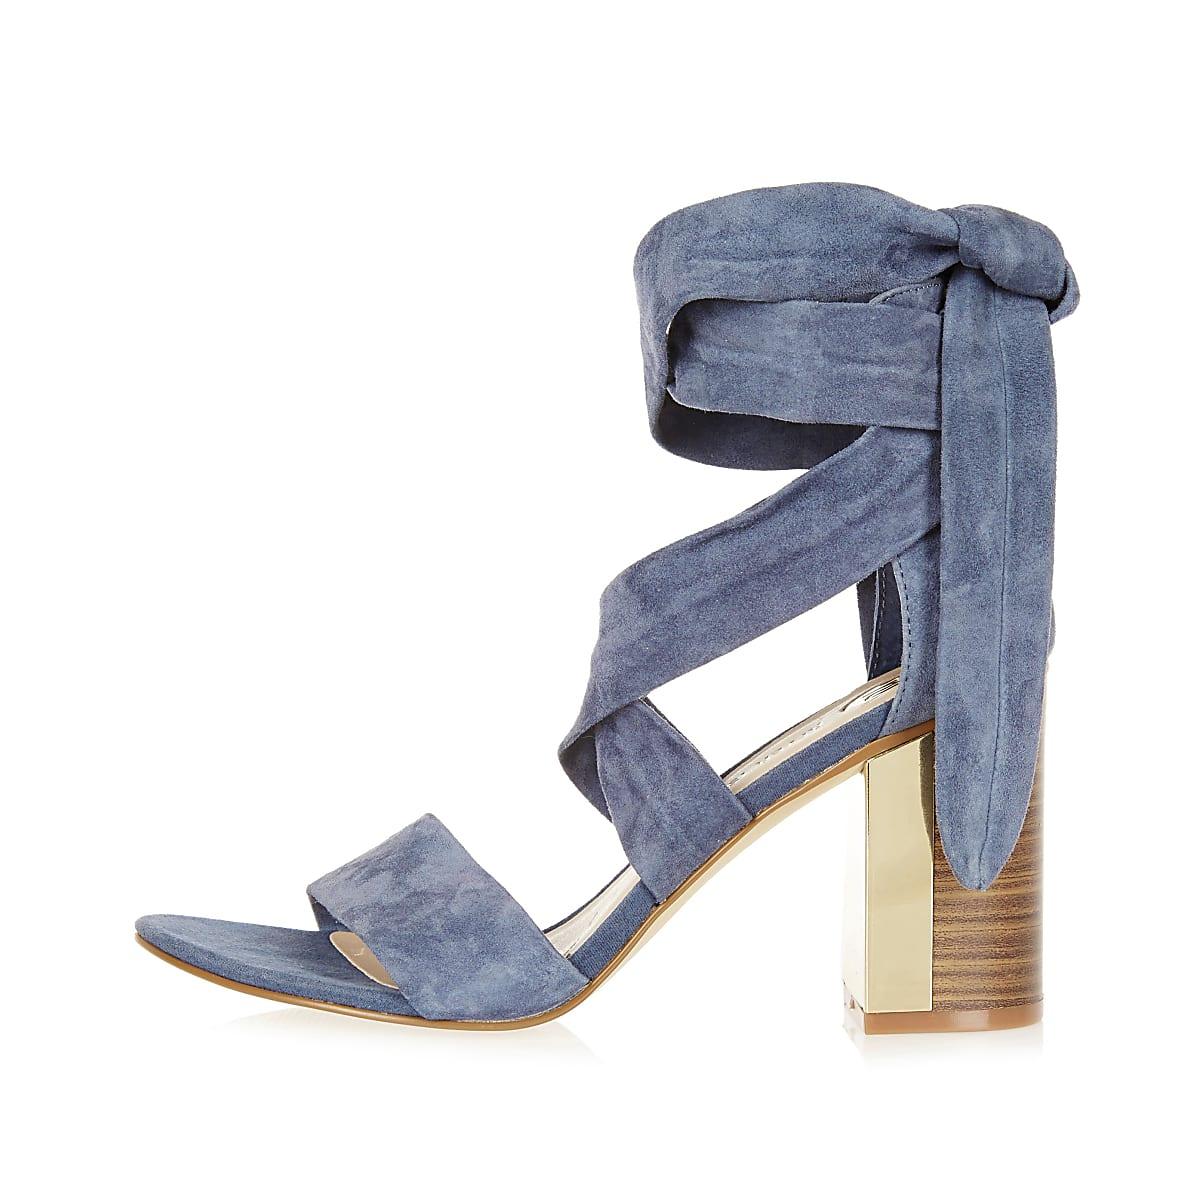 Blue suede wrap block mid heel sandals